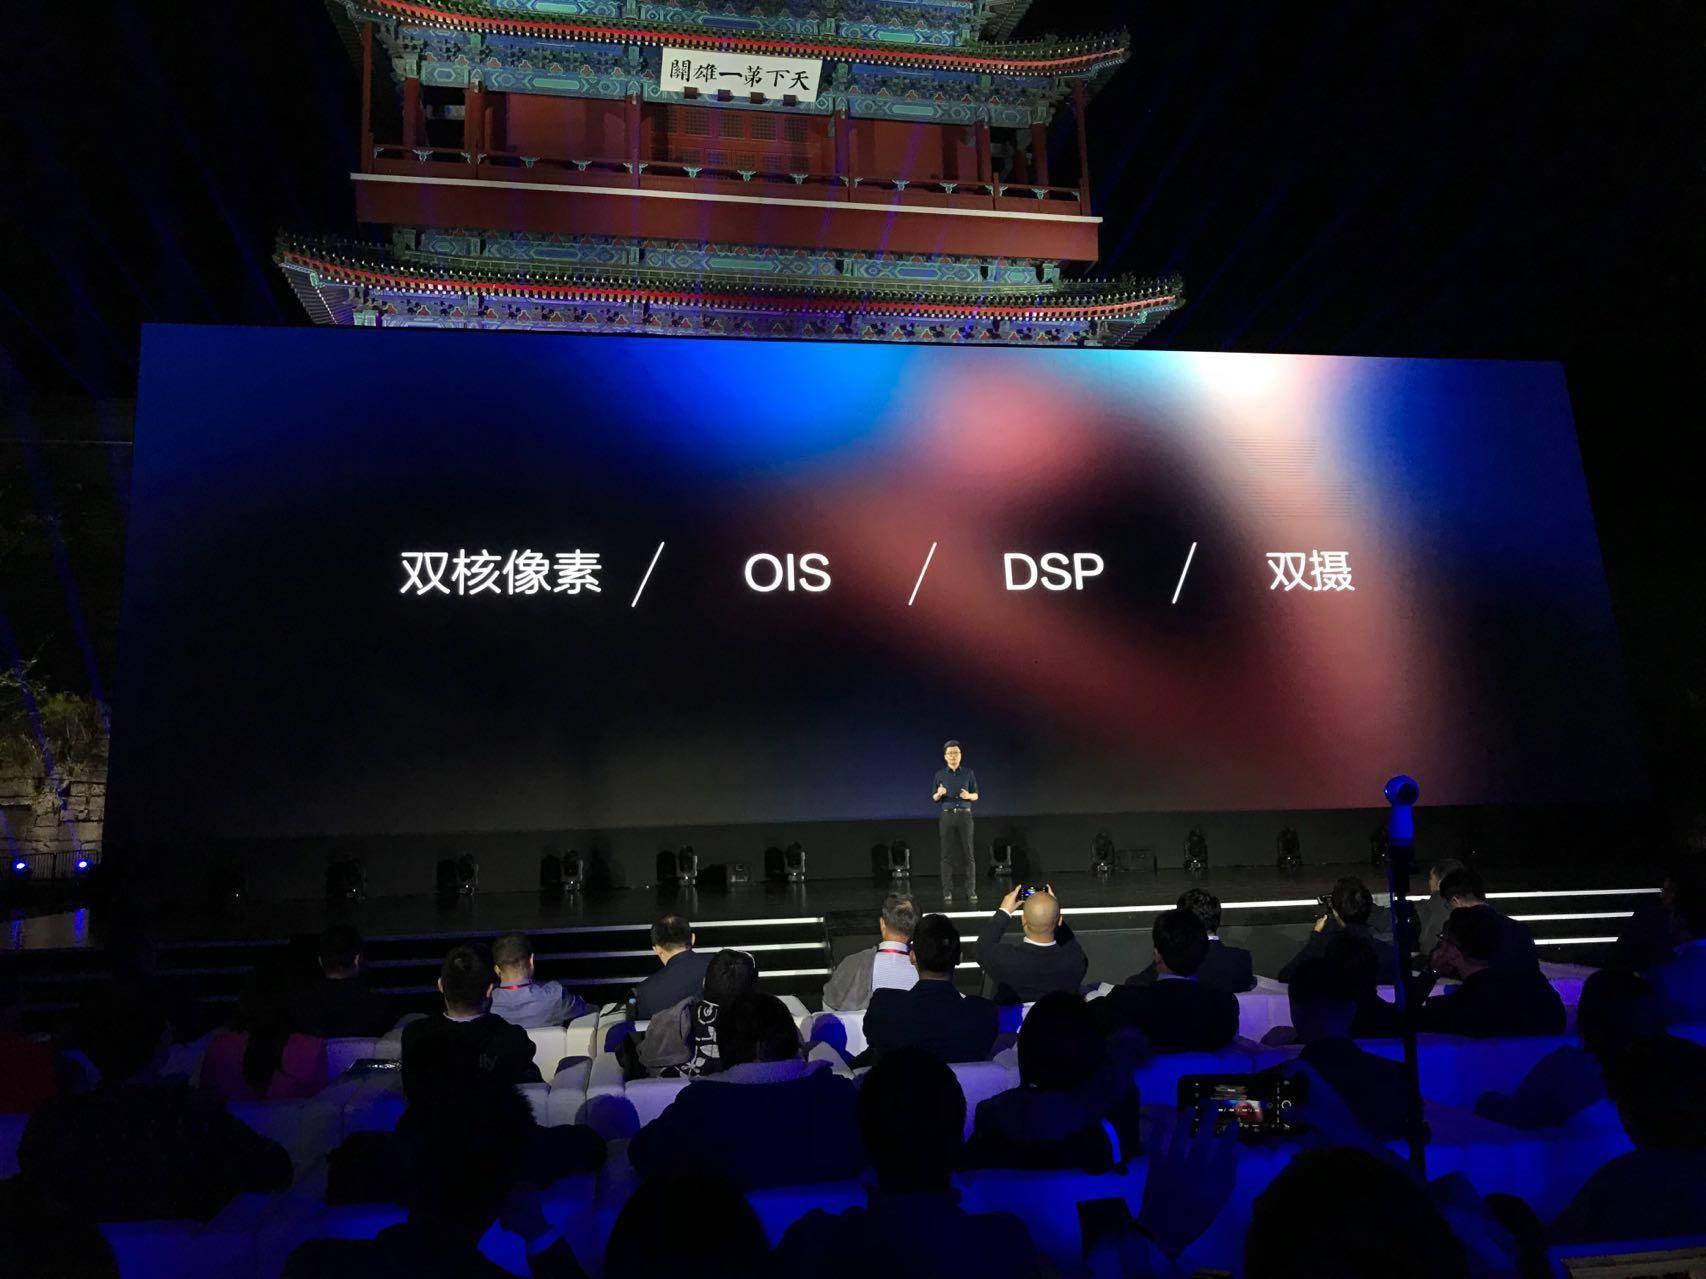 鹿晗彭于晏周冬雨齐助阵,vivo X20拥有何等魅力